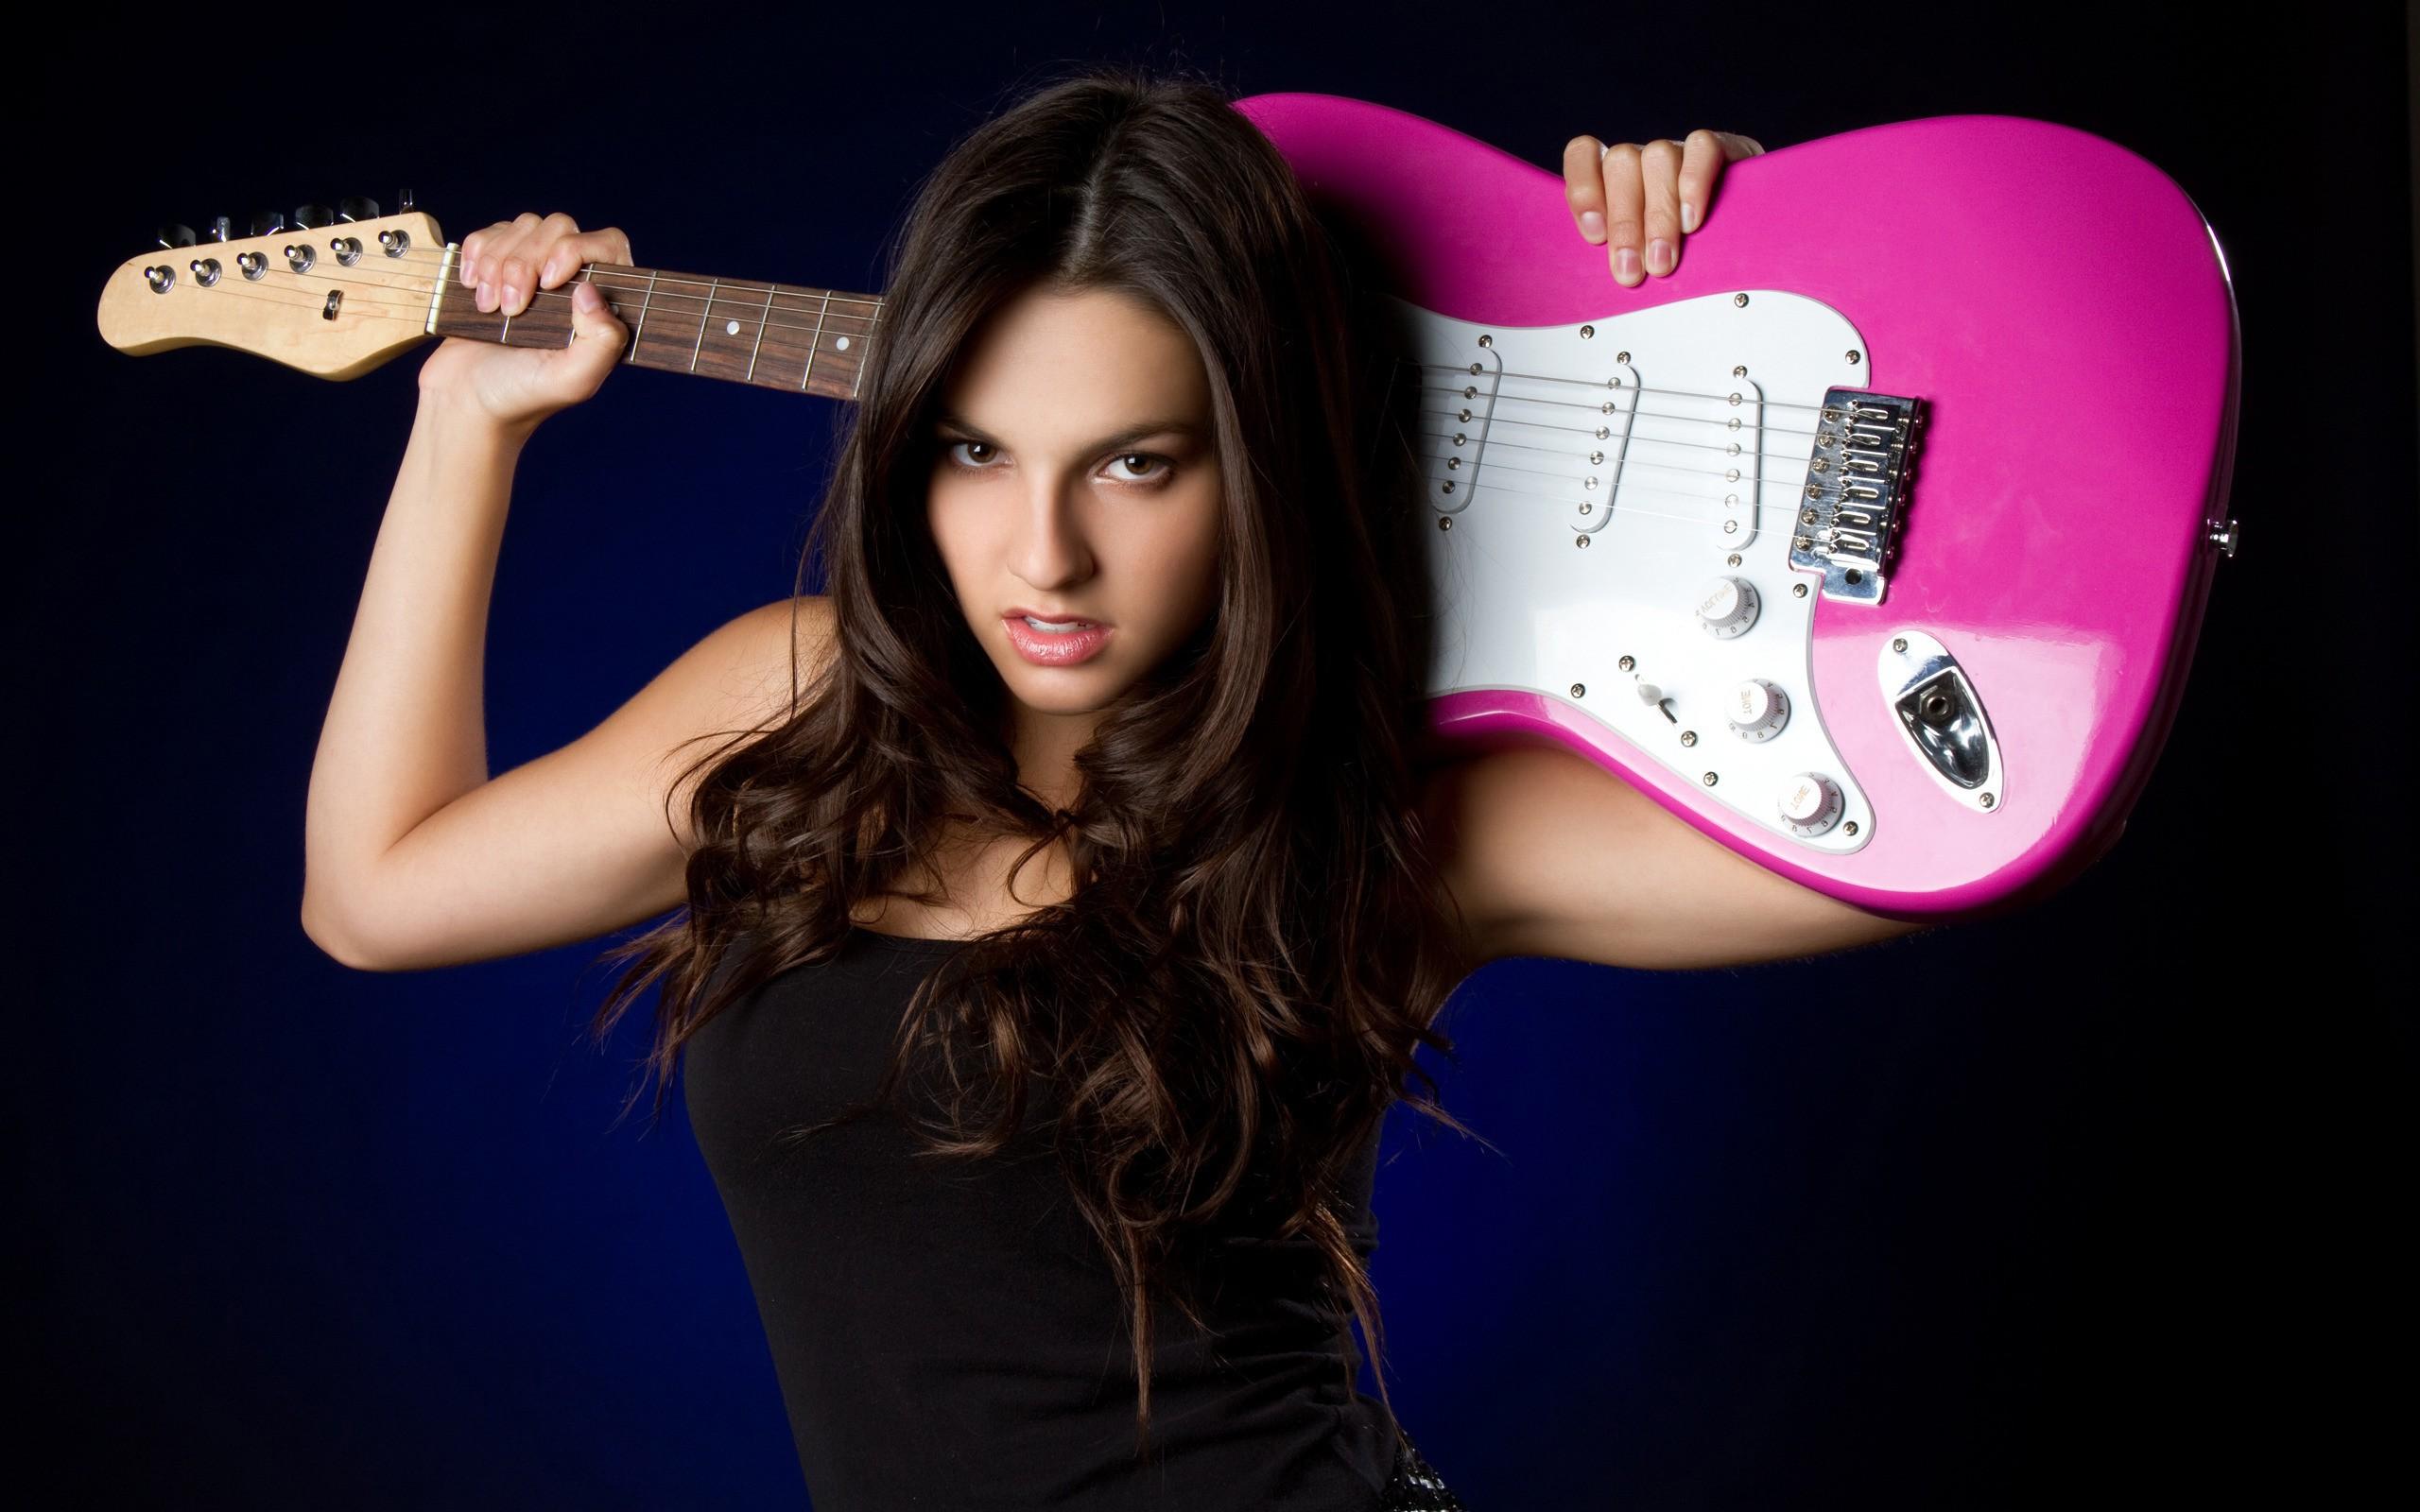 Una chica con guitarra - 2560x1600